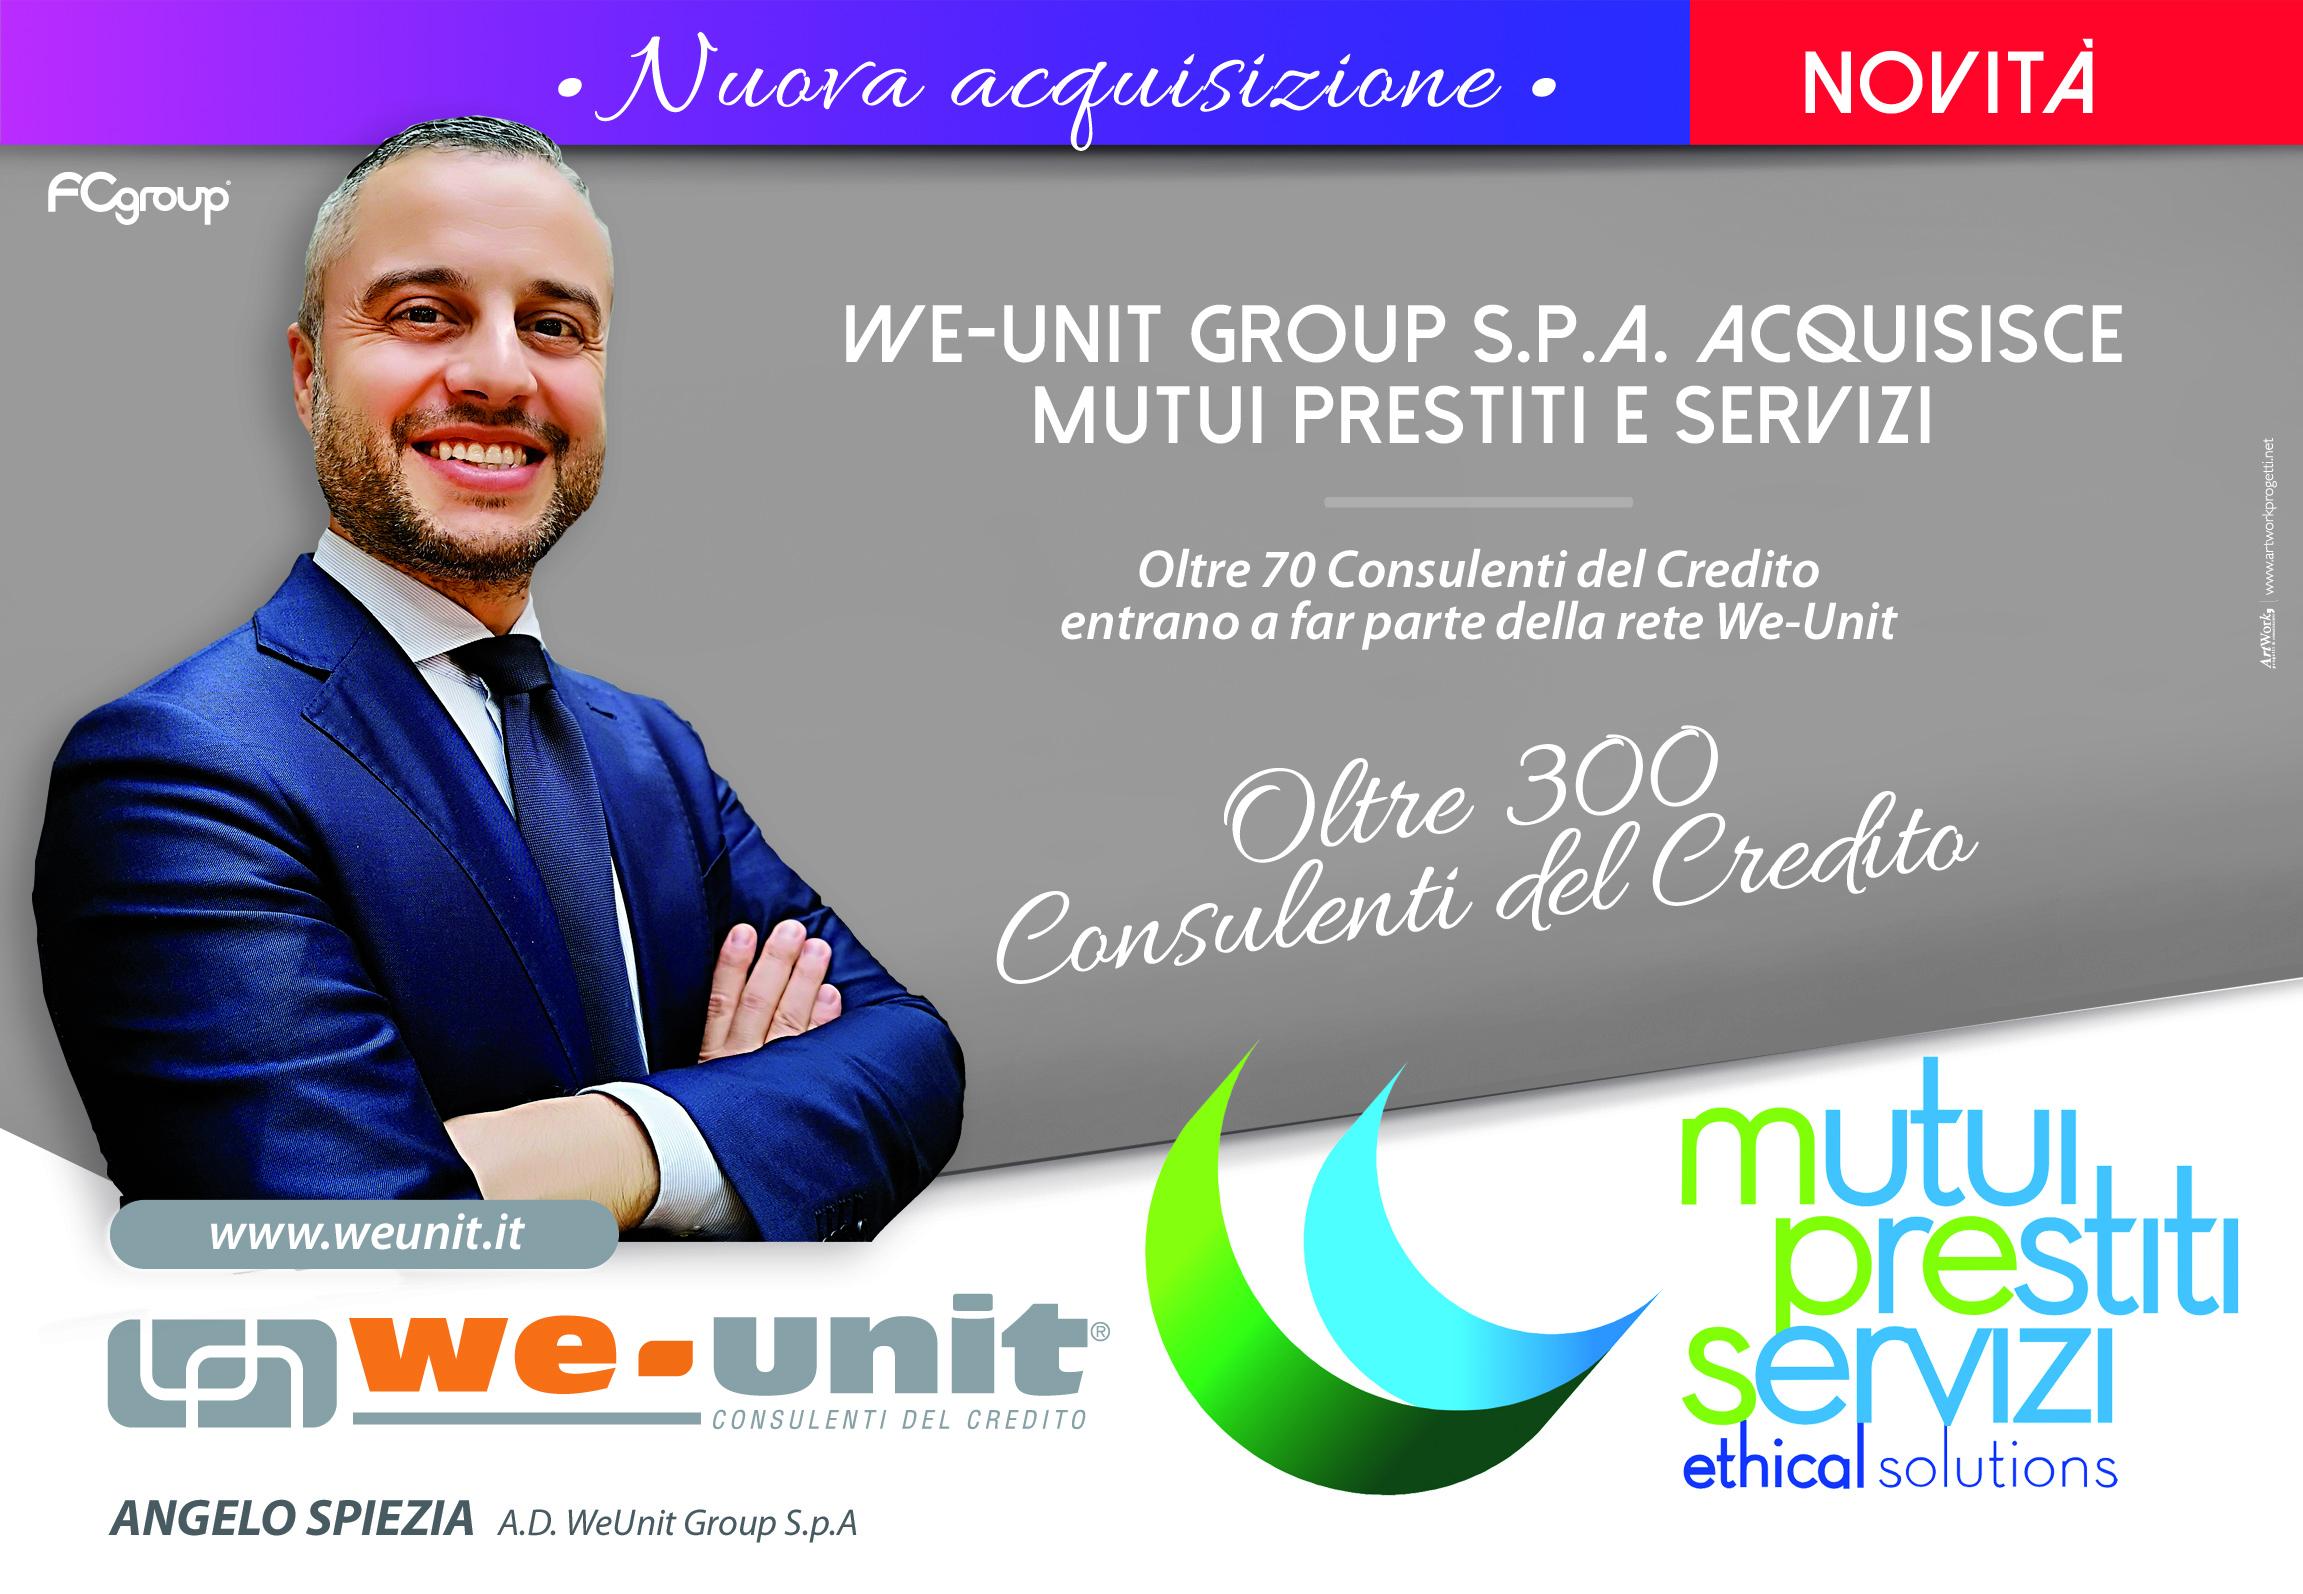 Nuova acquisizione Weunit